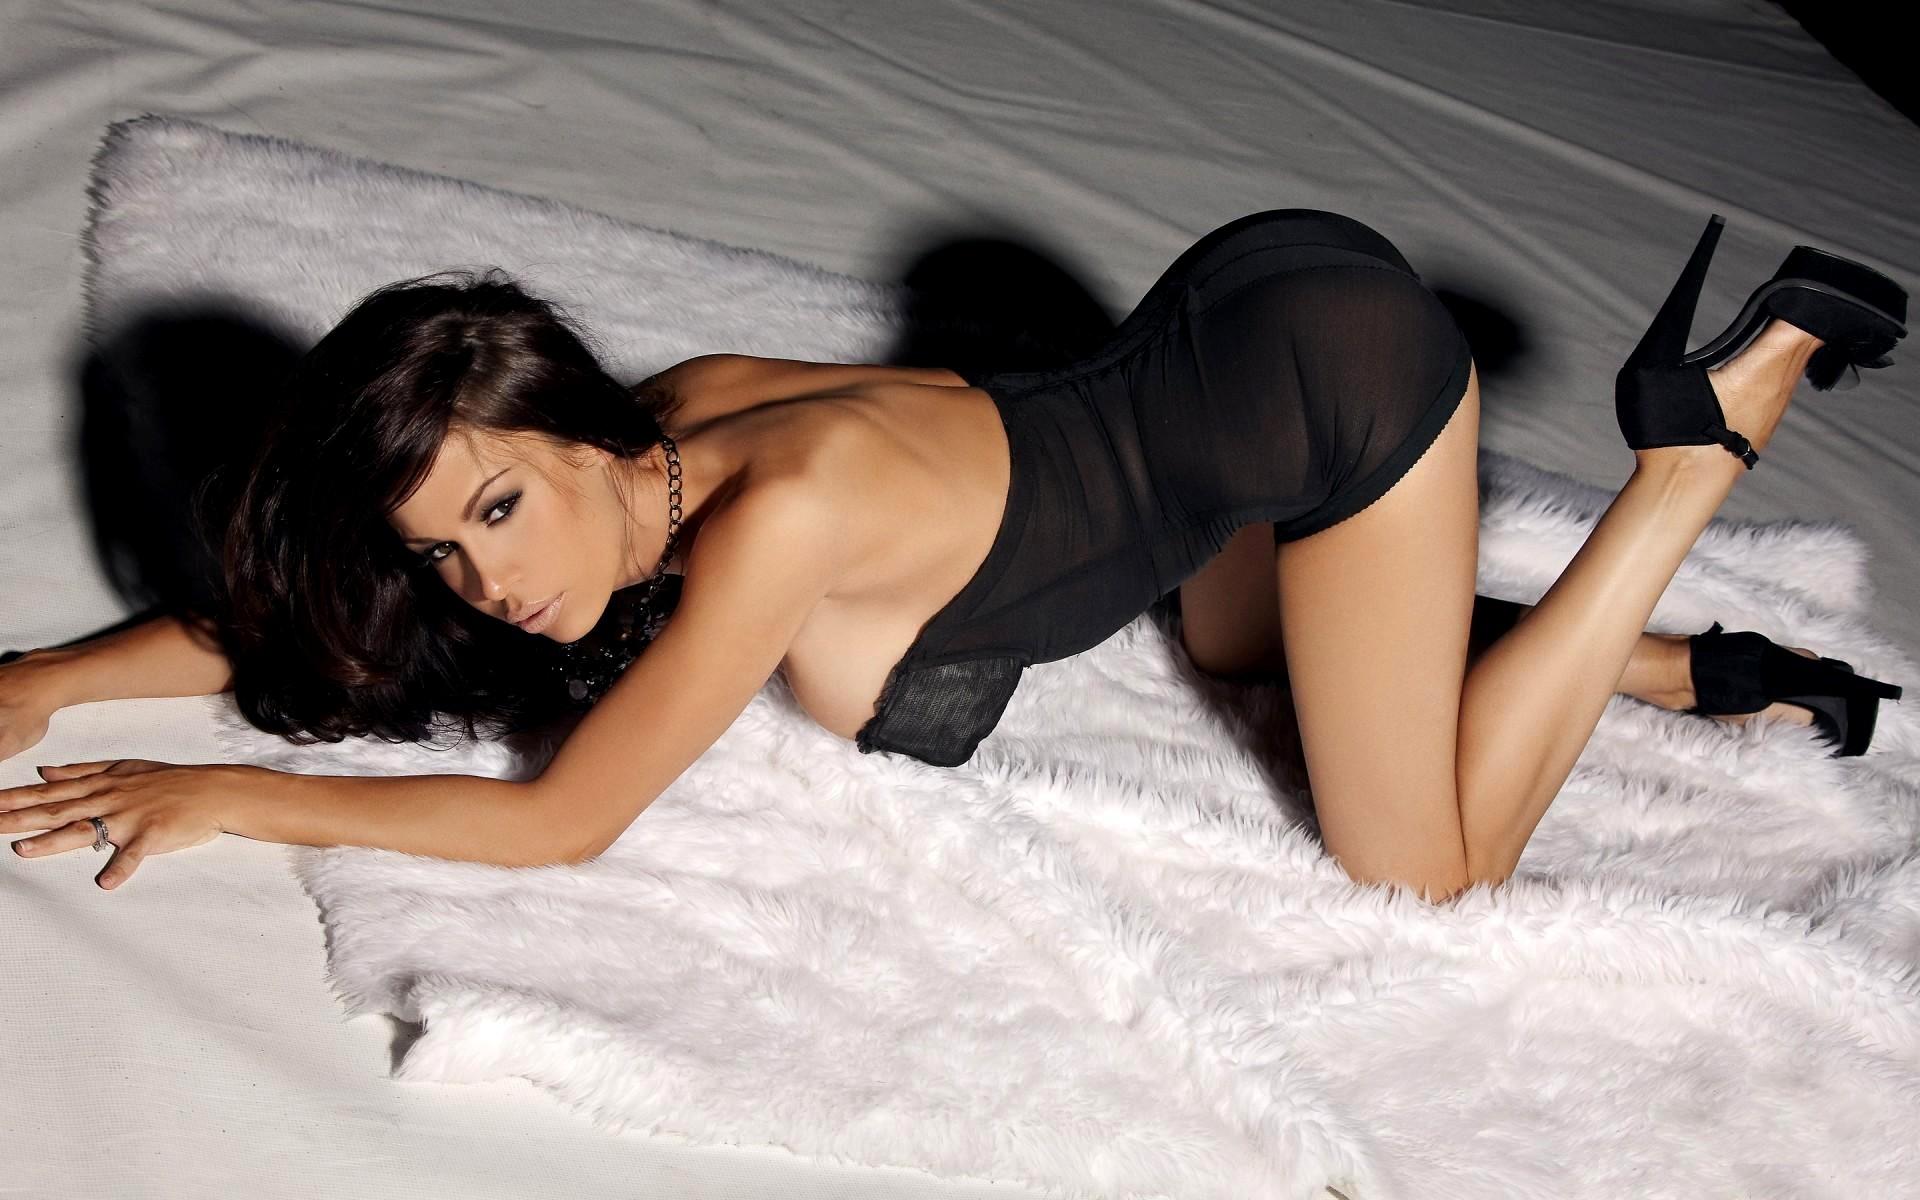 фото девушки женщины брюнетки в сексуальном платье